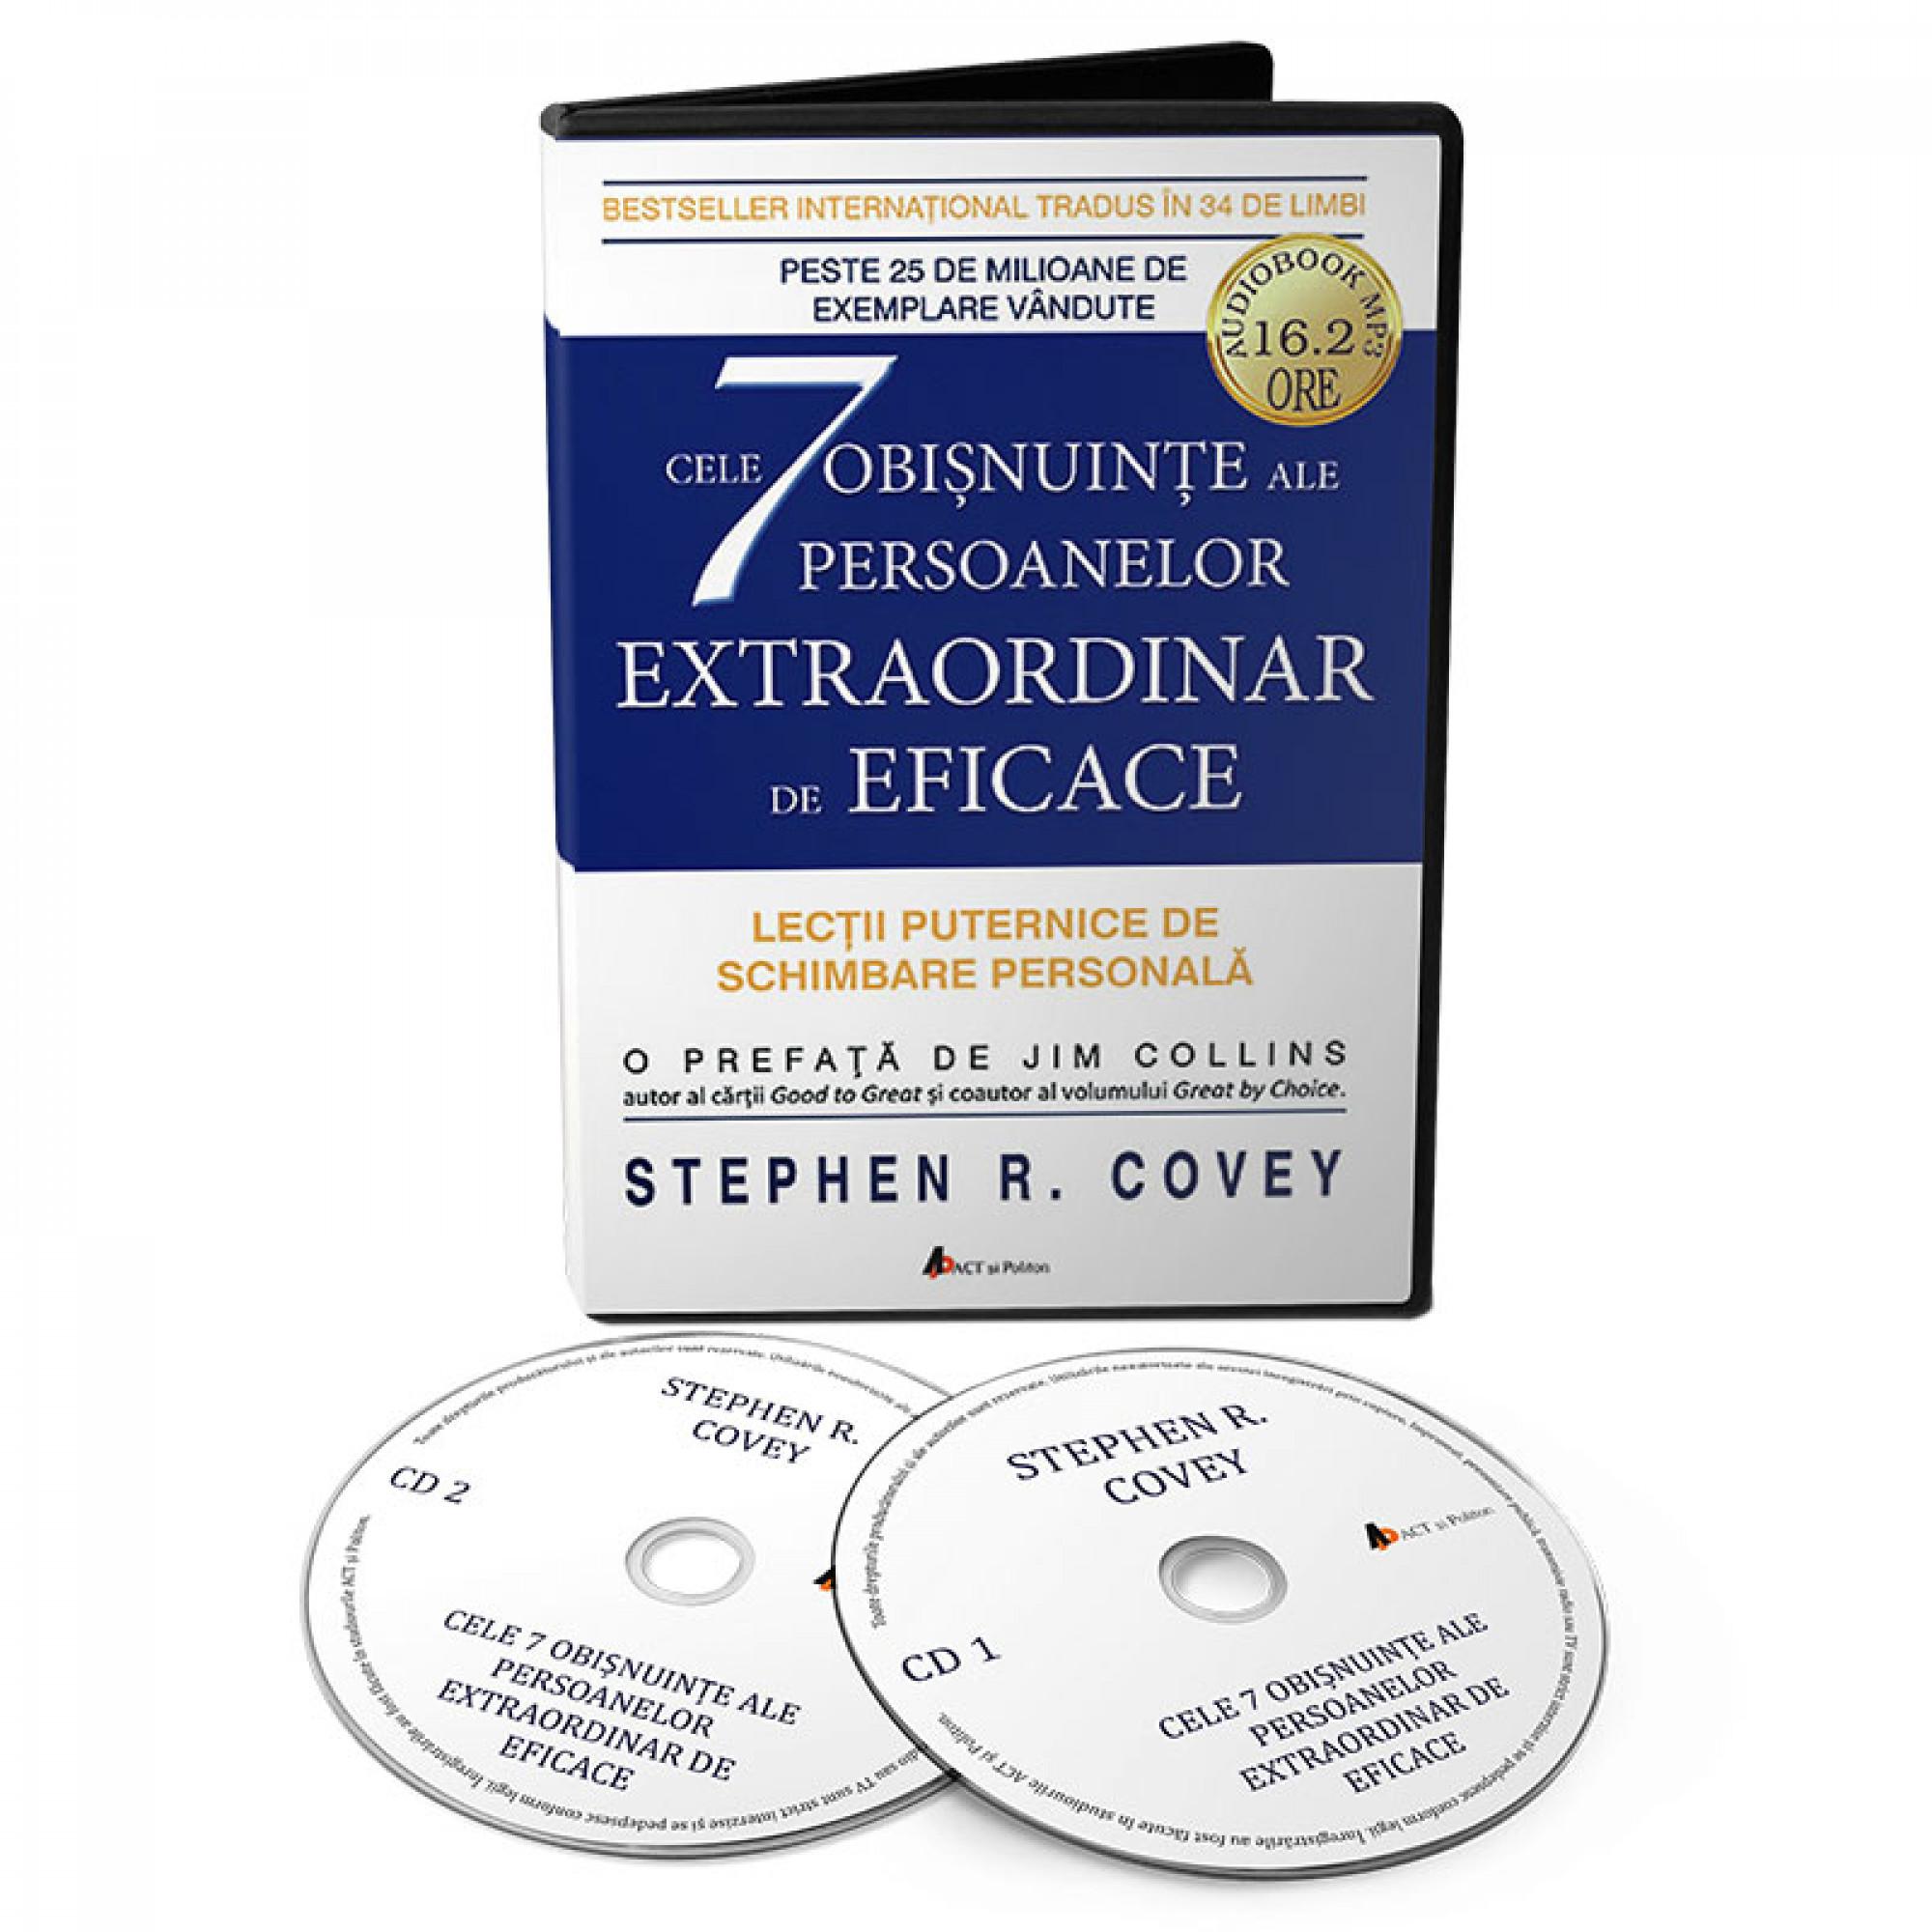 Cele 7 obişnuinţe ale persoanelor extraordinar de eficace- Lecţii puternice de schimbare personală